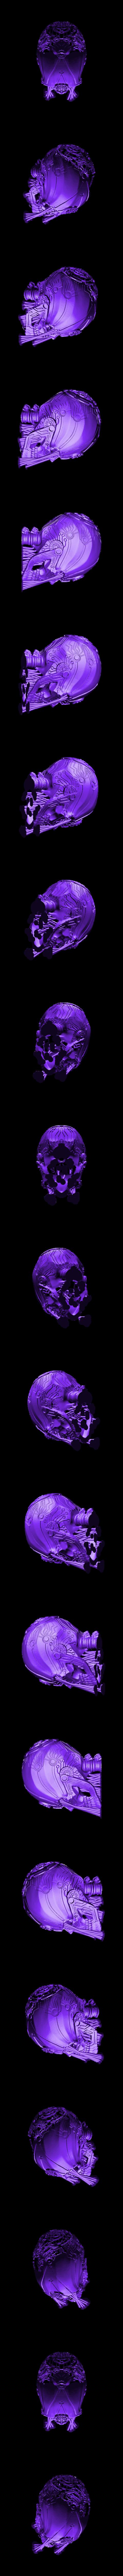 Aspartame_Skull_Print_4.stl Télécharger fichier STL gratuit Aspartame Skull • Plan pour imprimante 3D, mag-net